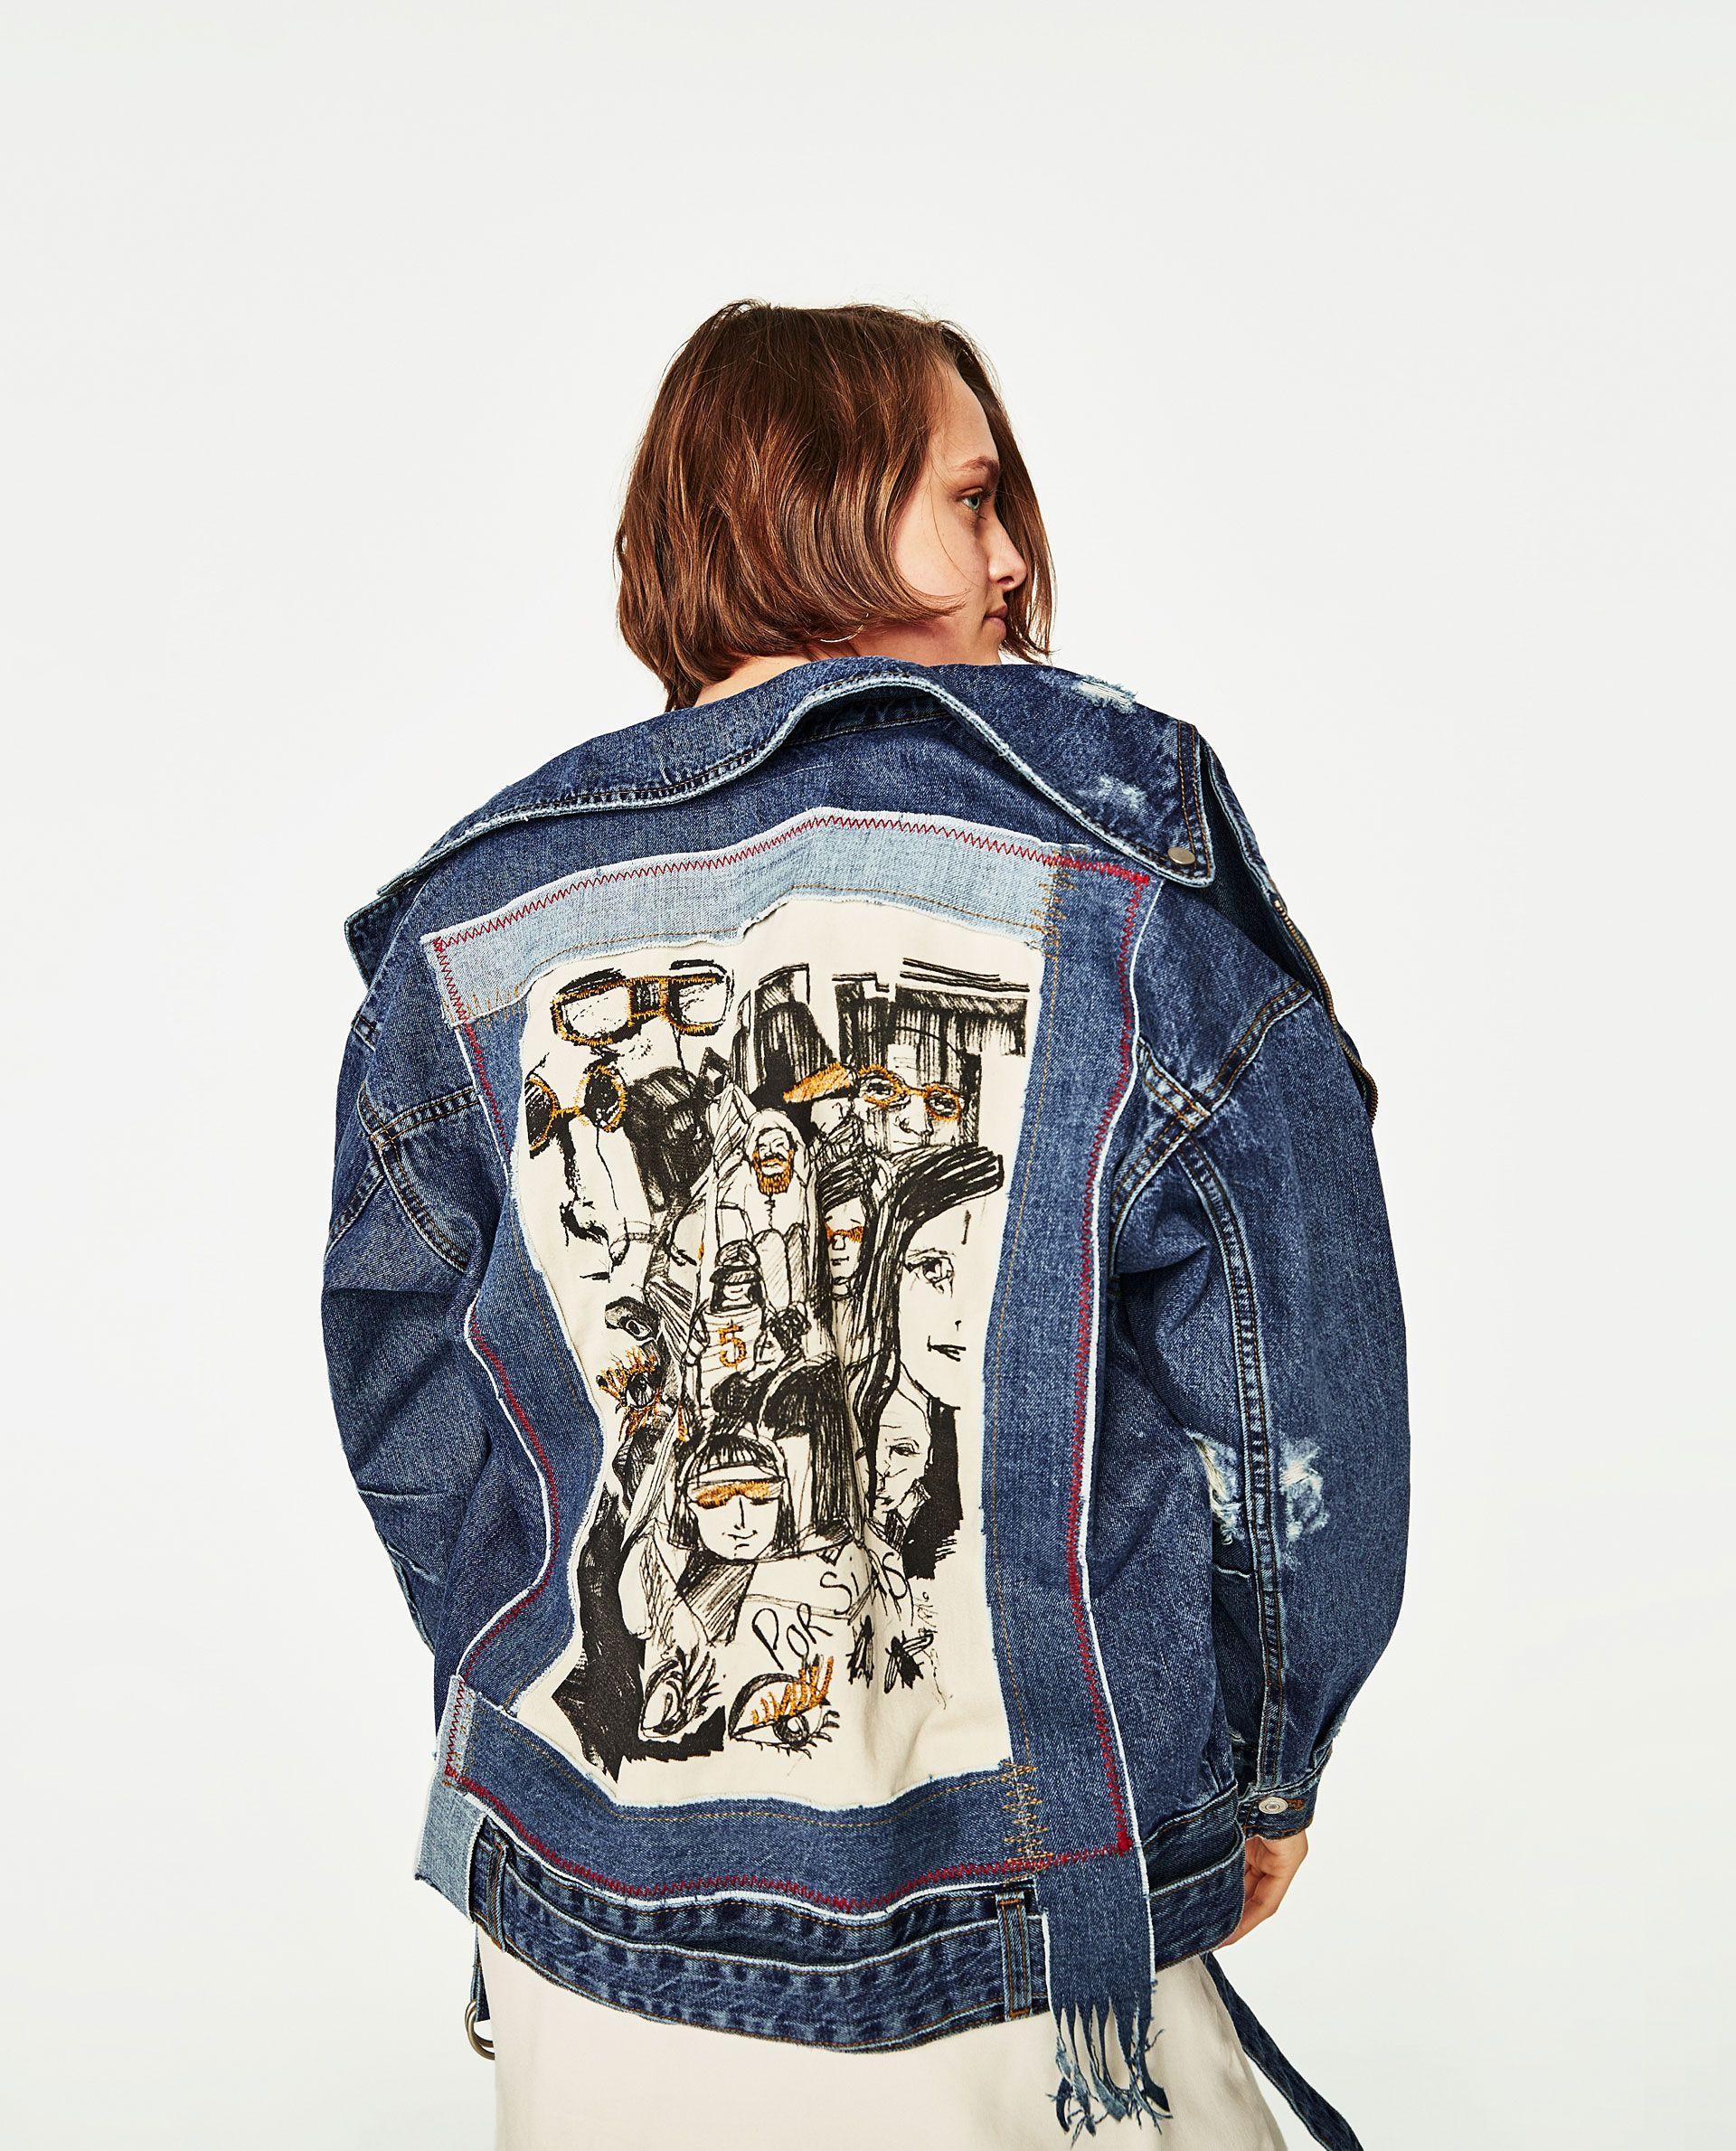 Denim Jacket With Design [ 2379 x 1920 Pixel ]